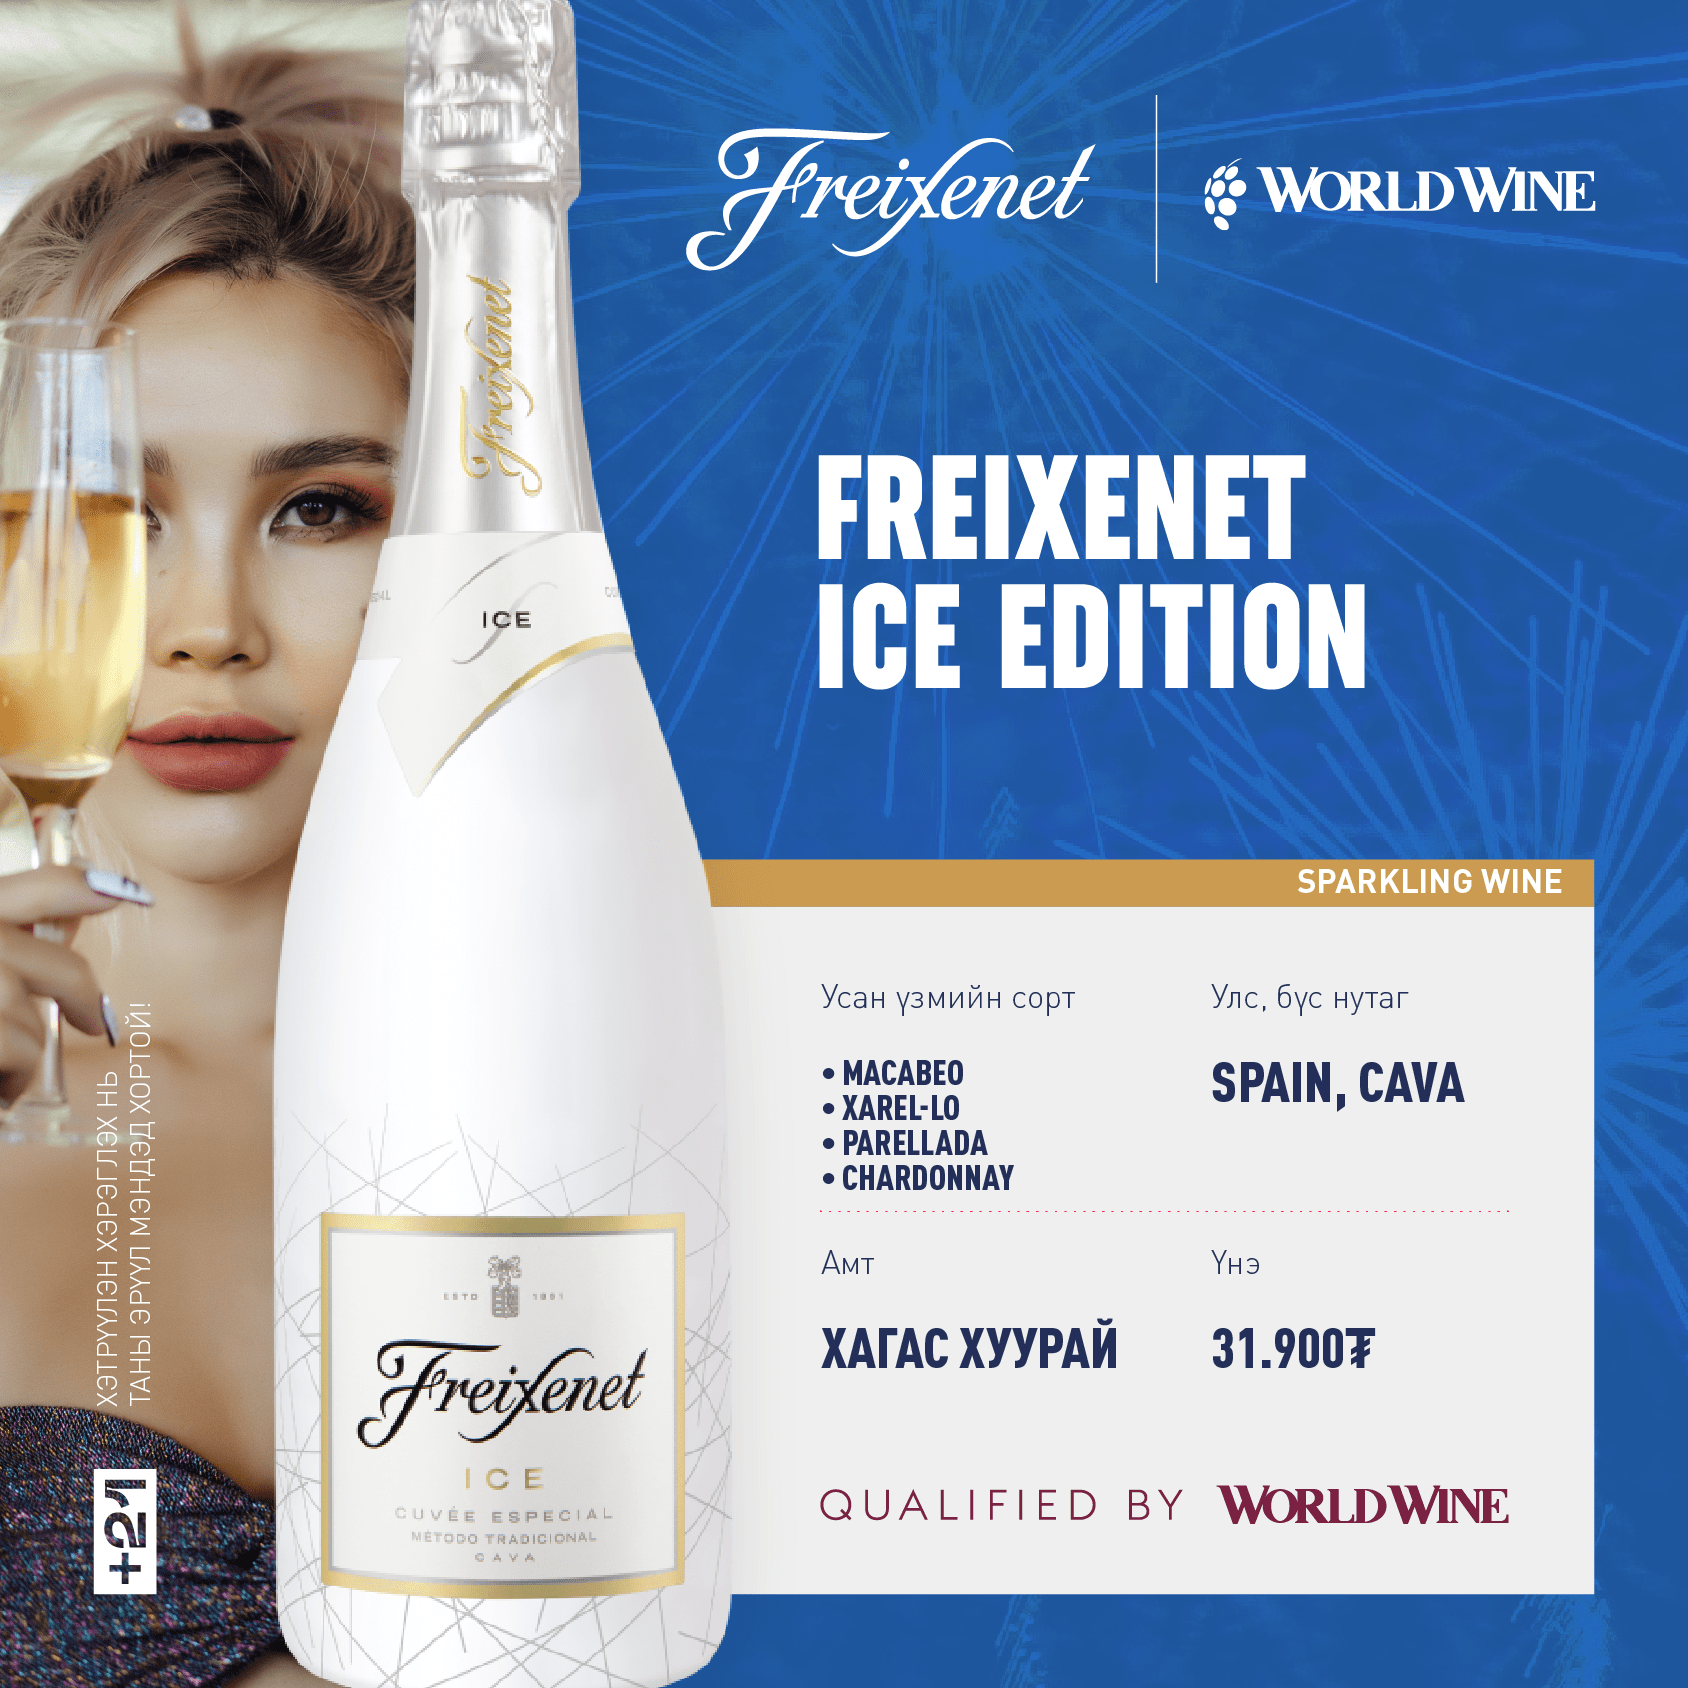 Freixenet ice edition